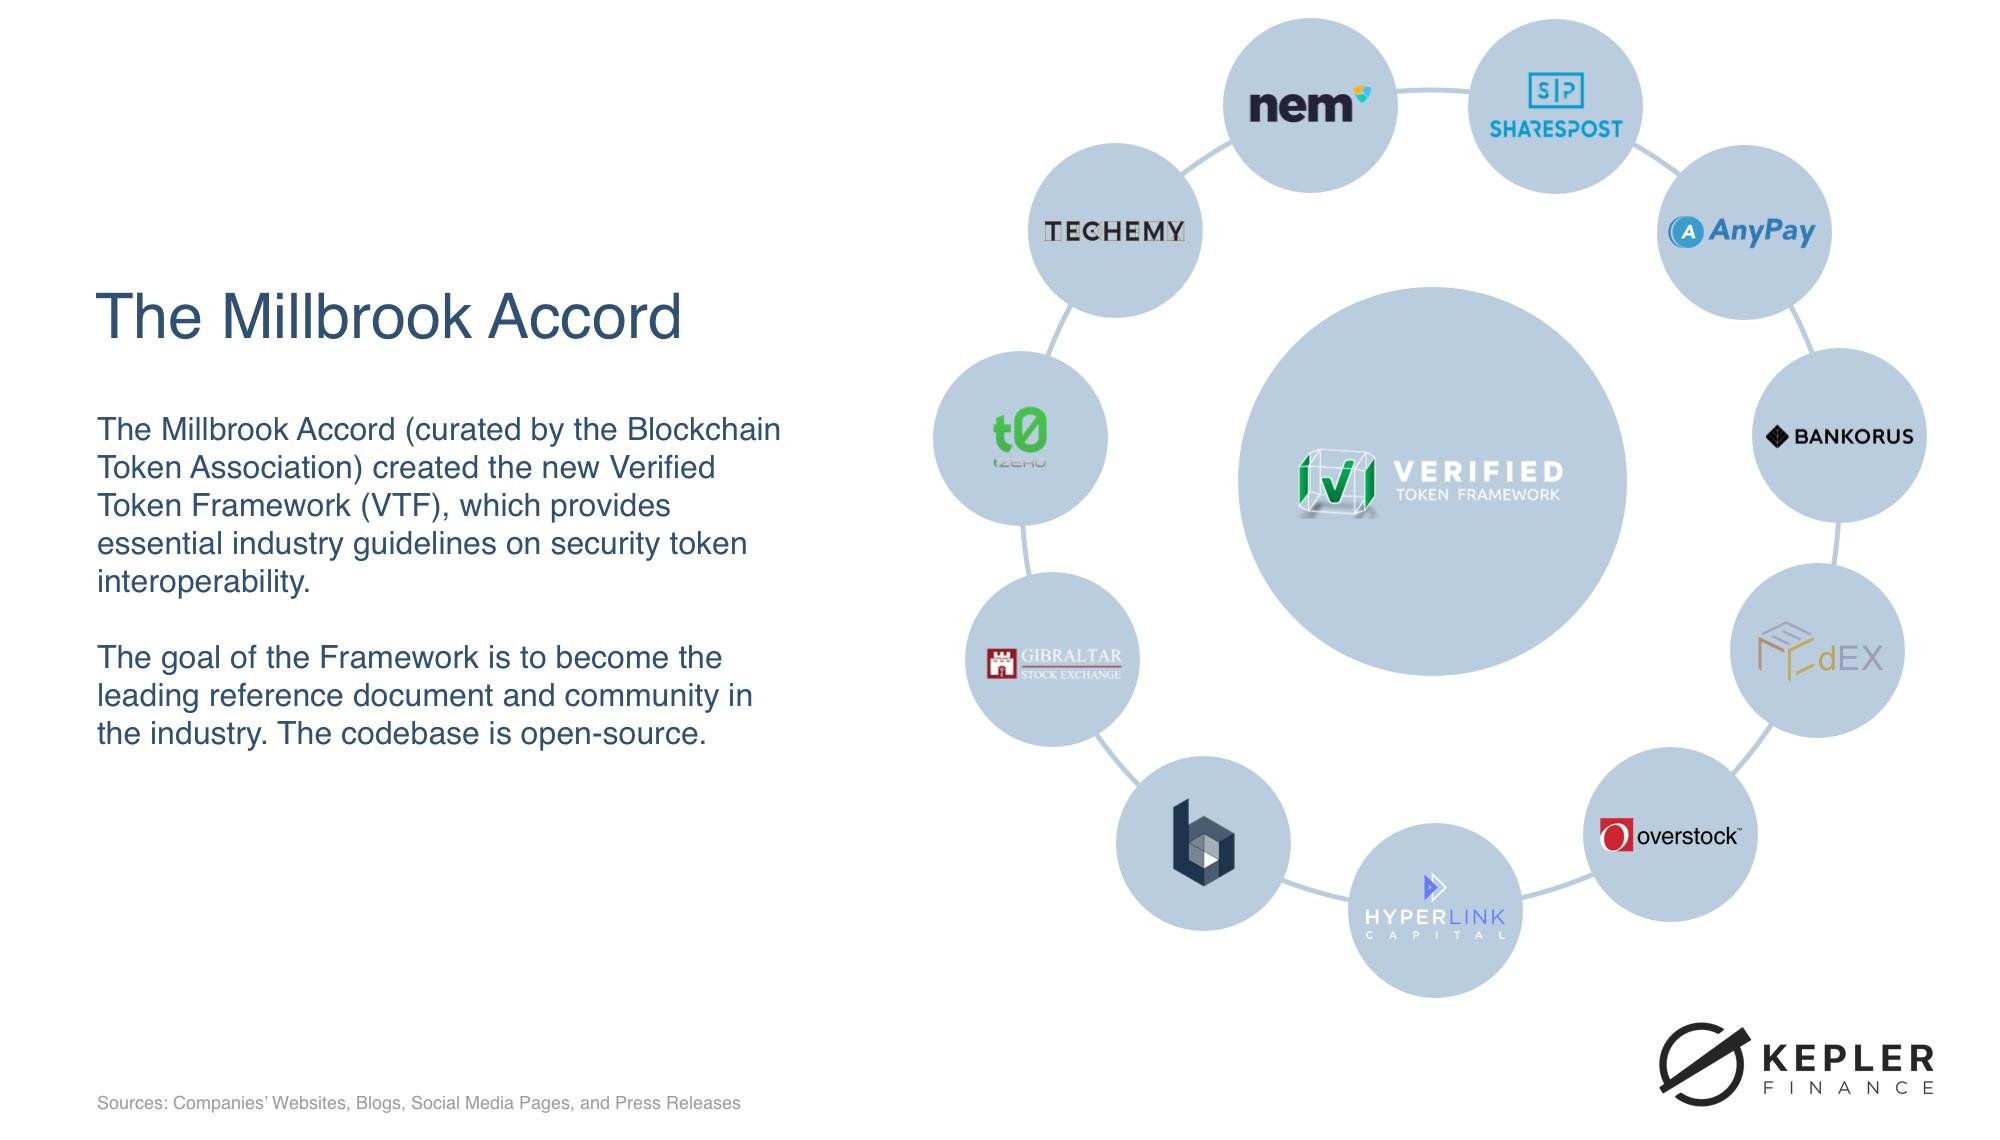 Digital Securities Market Research 2019 by Kepler Finance